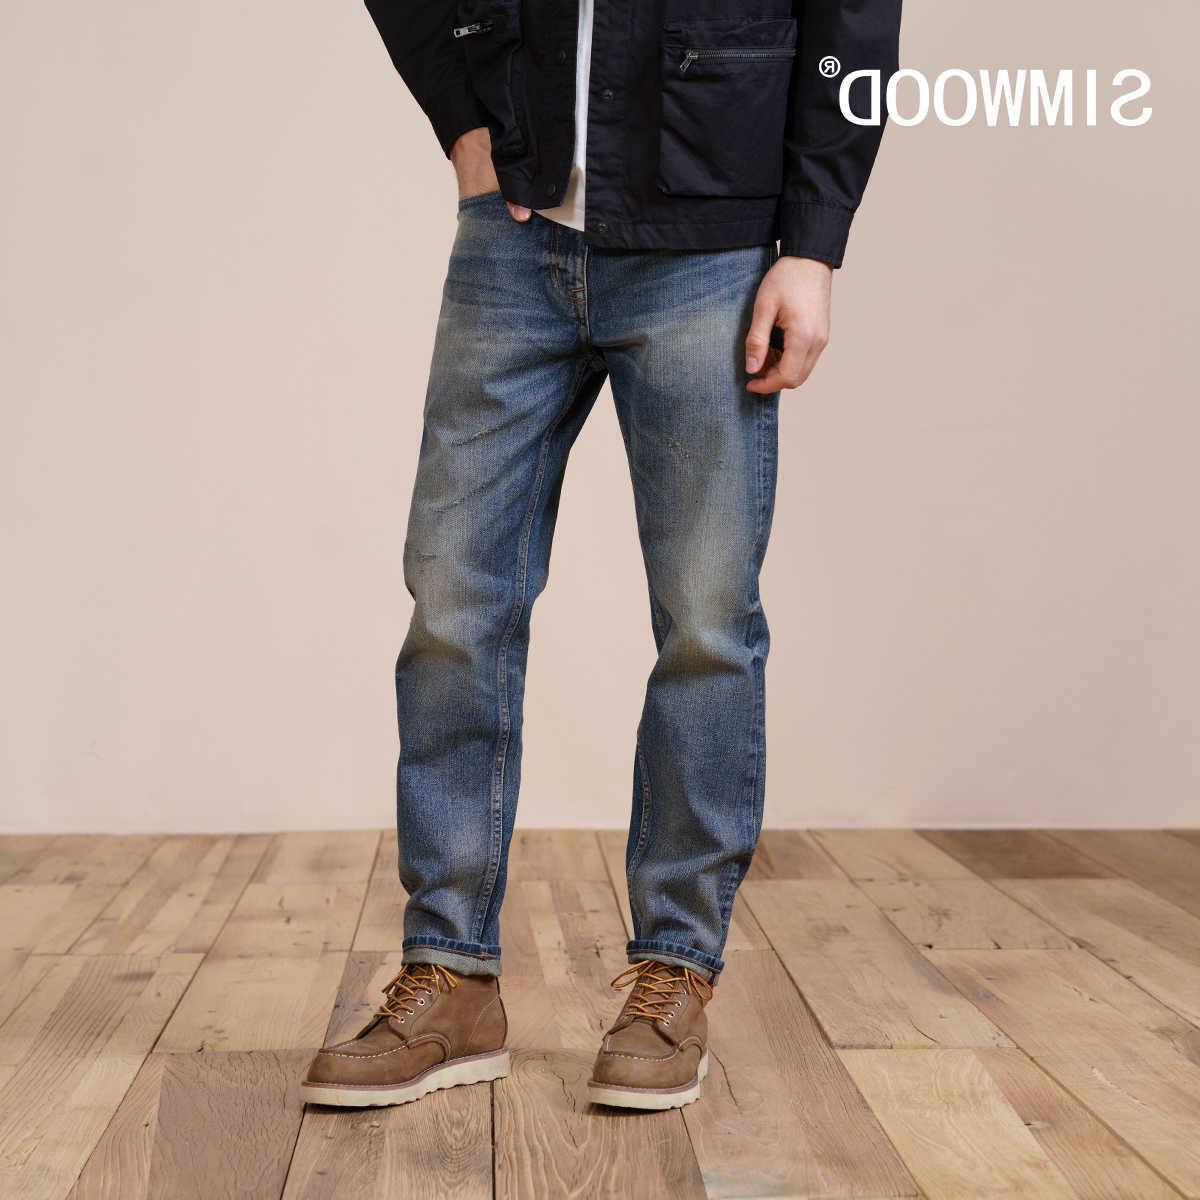 Simwood 2021 Bahar Yeni Düzenli Düz Kot Erkekler 100% Katoen Vintage Rahat Denim Broek Artı Boyutu Marka Giyim